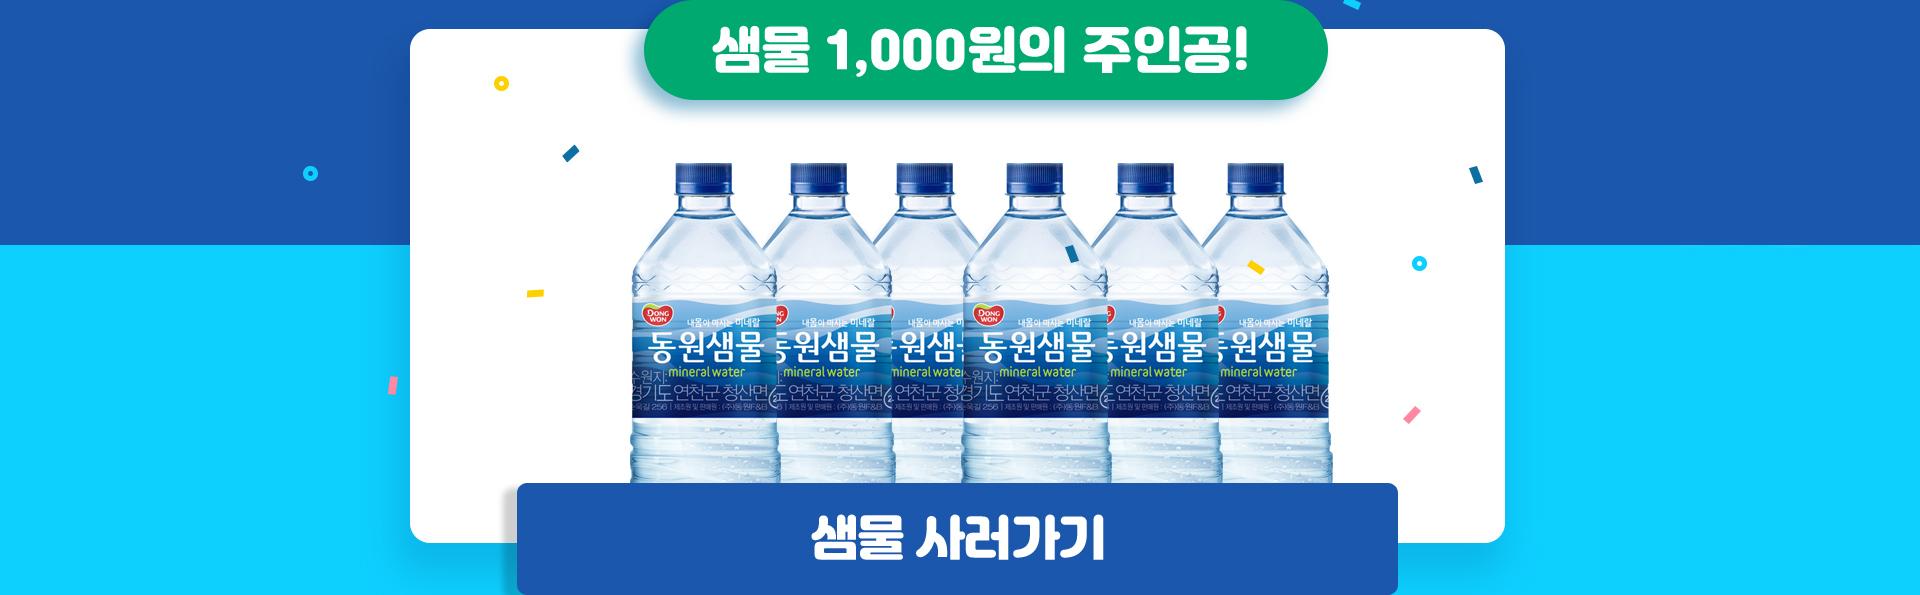 샘물1000원의 주인공! 샘물사러가기!.